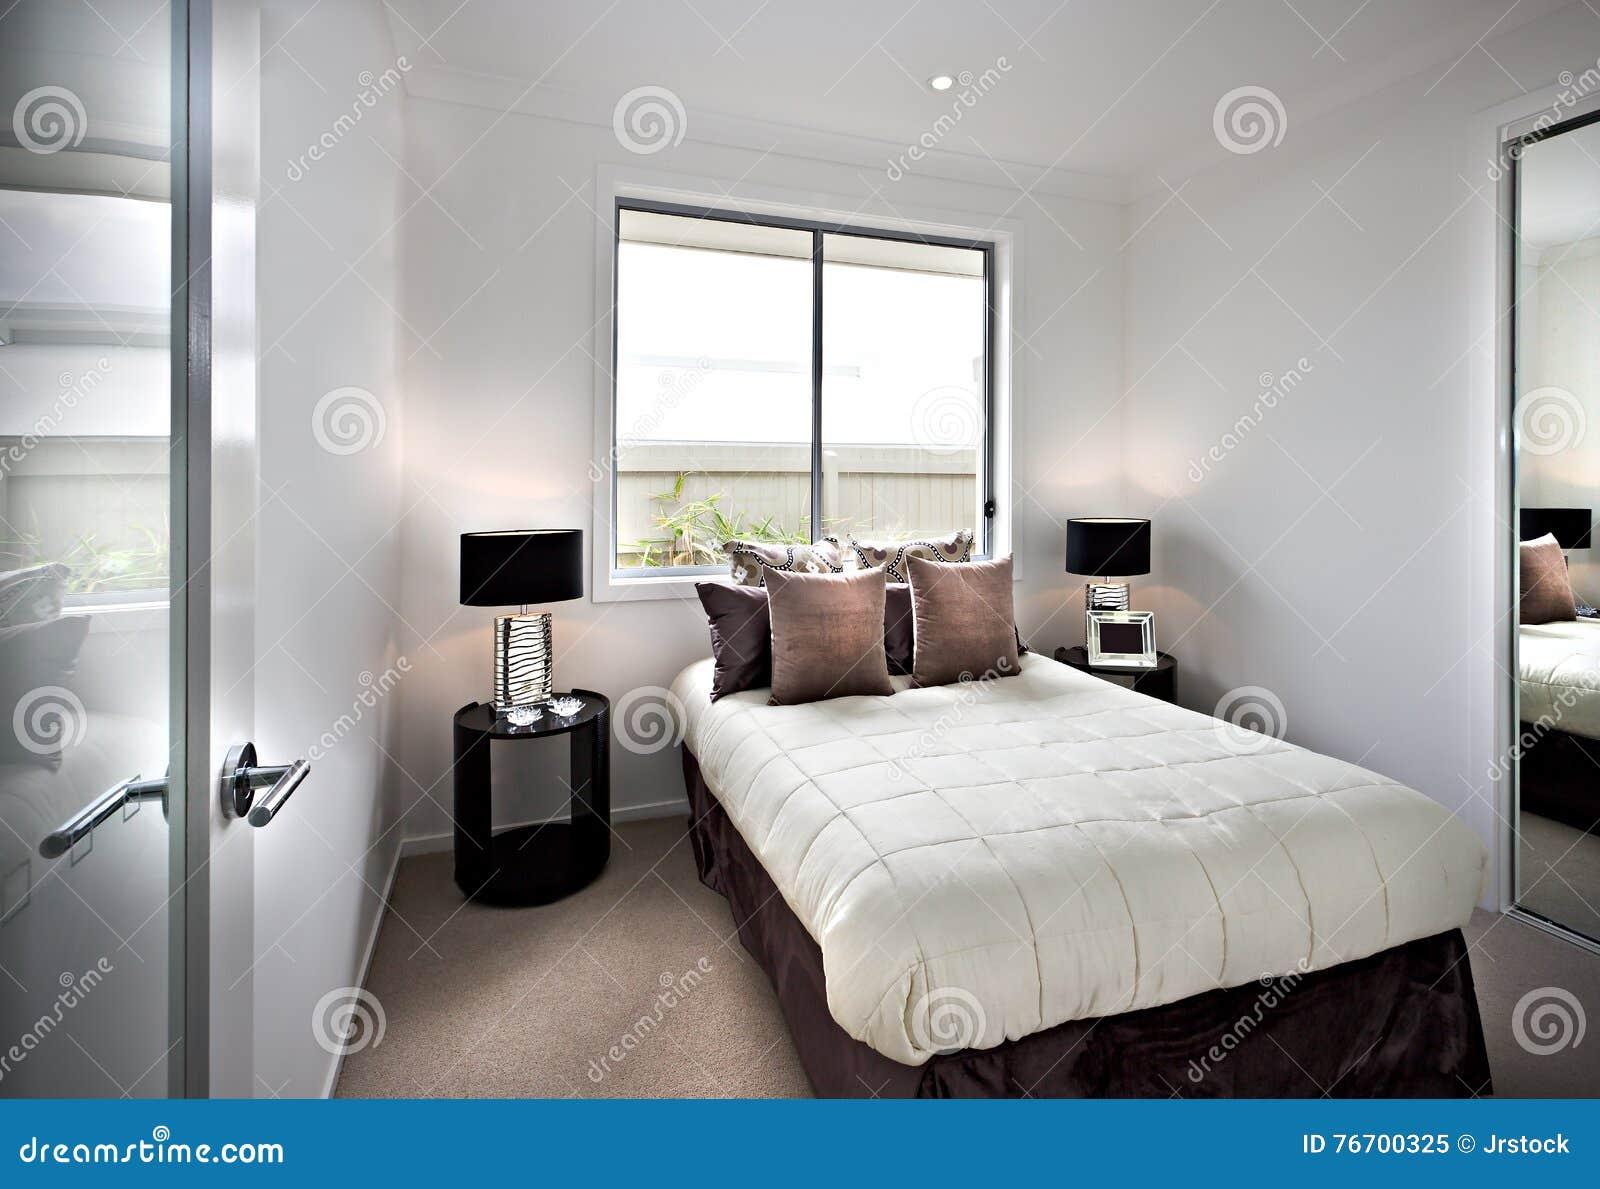 Camera da letto moderna e classica con le finestre e le lampade